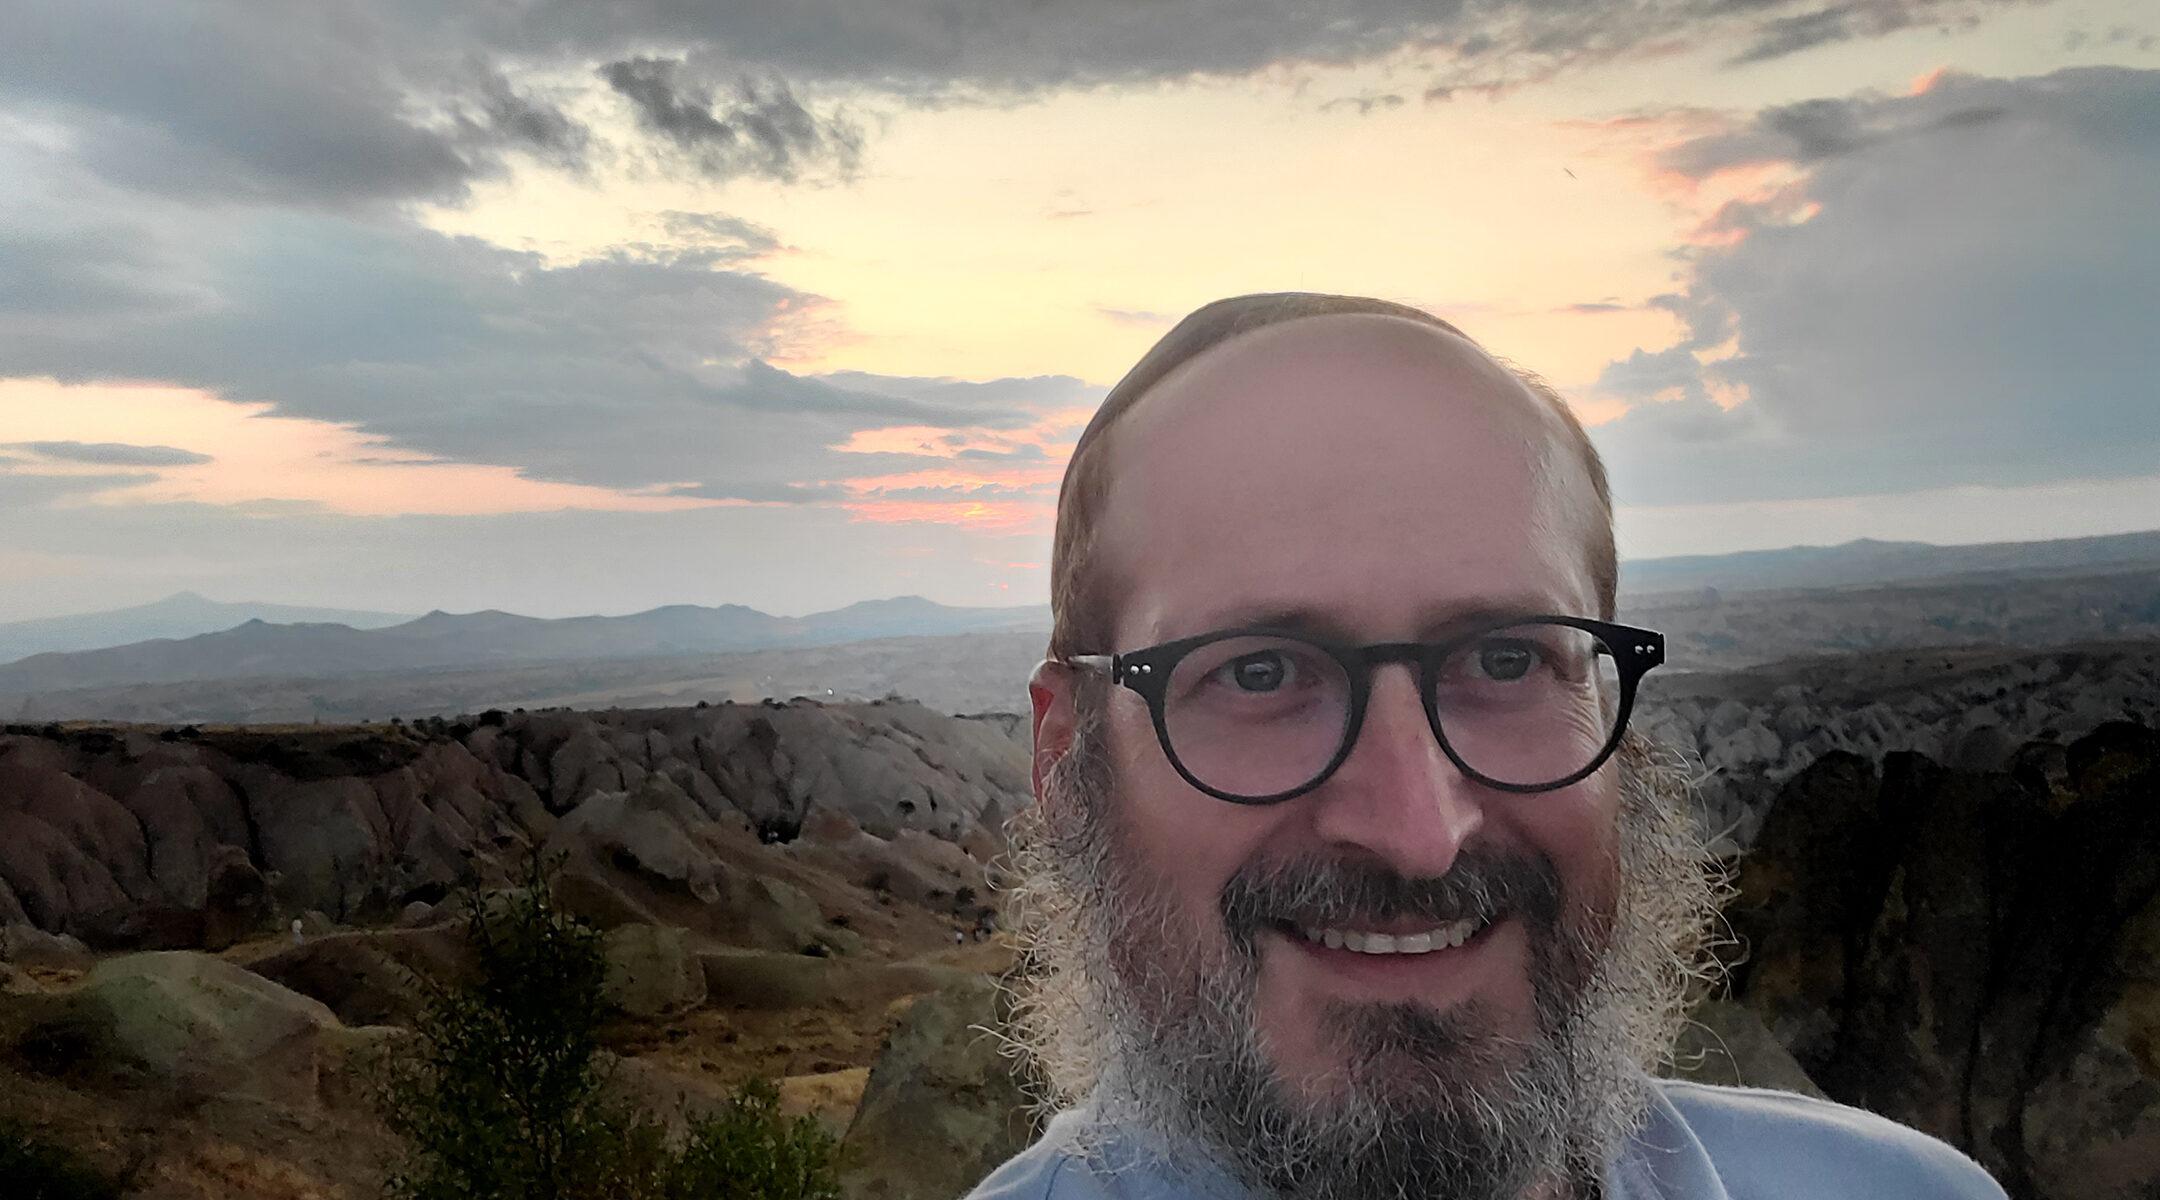 Egy chábád rabbi a törökországi zsidó örökséget bemutató útra indult